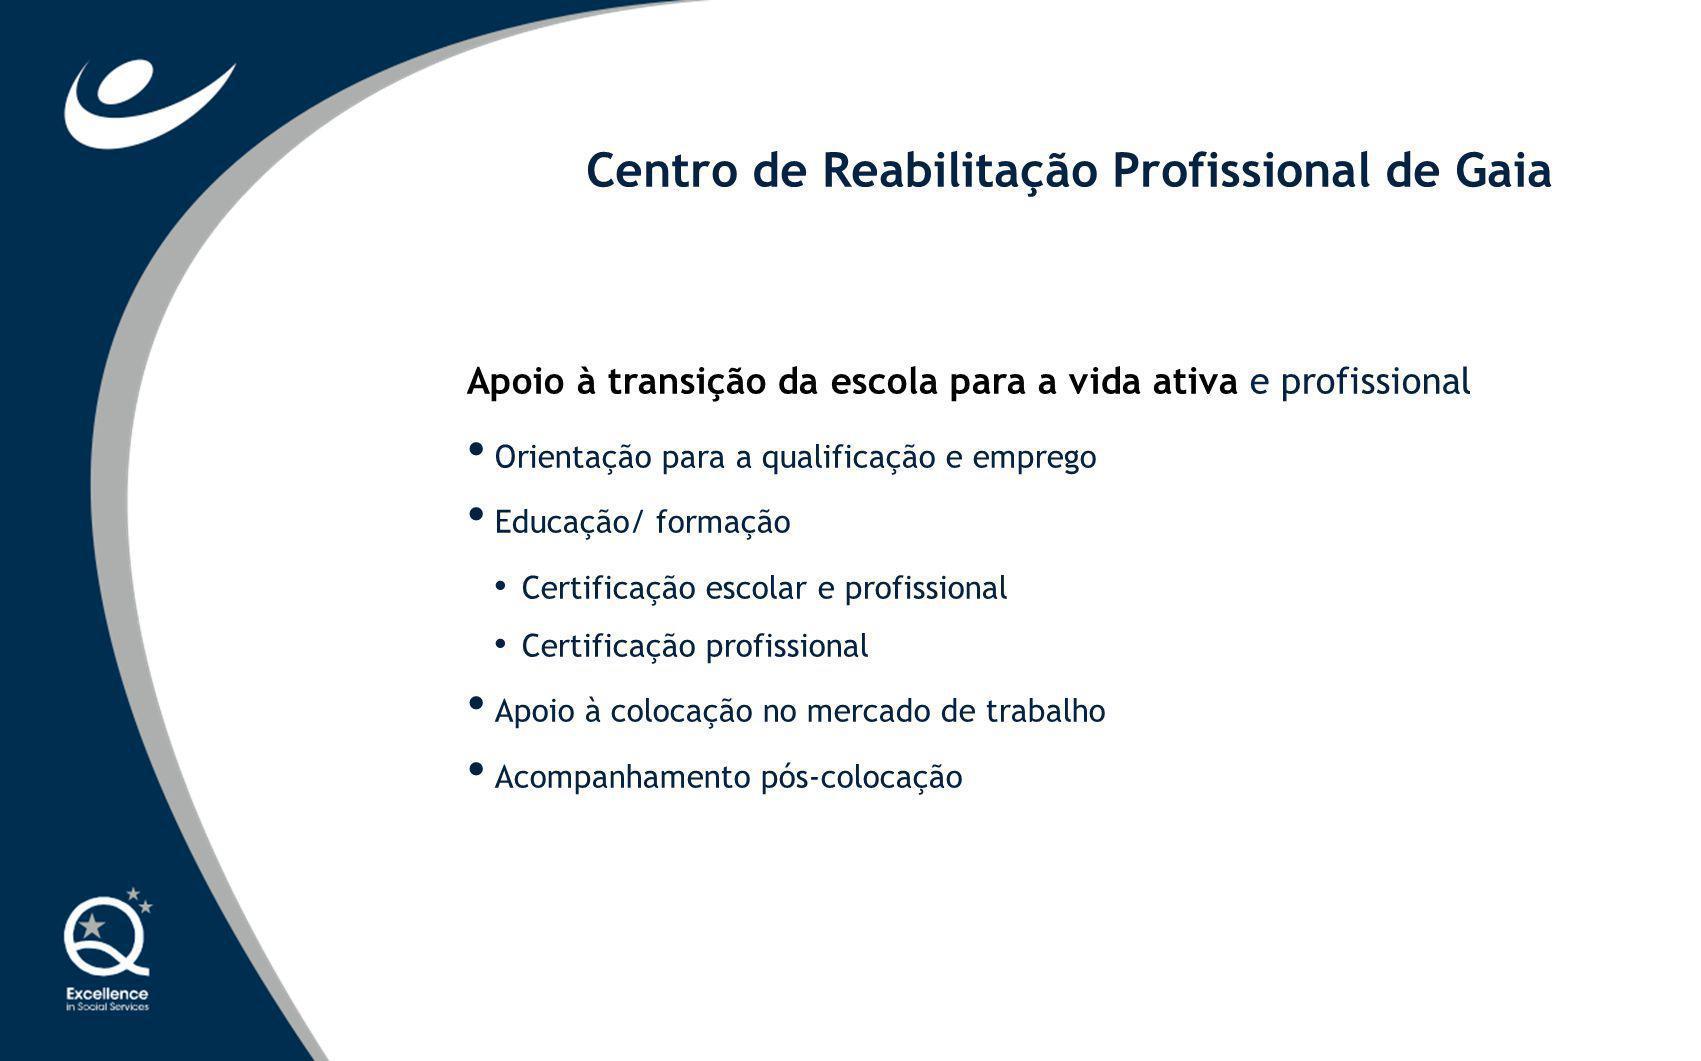 Centro de Reabilitação Profissional de Gaia